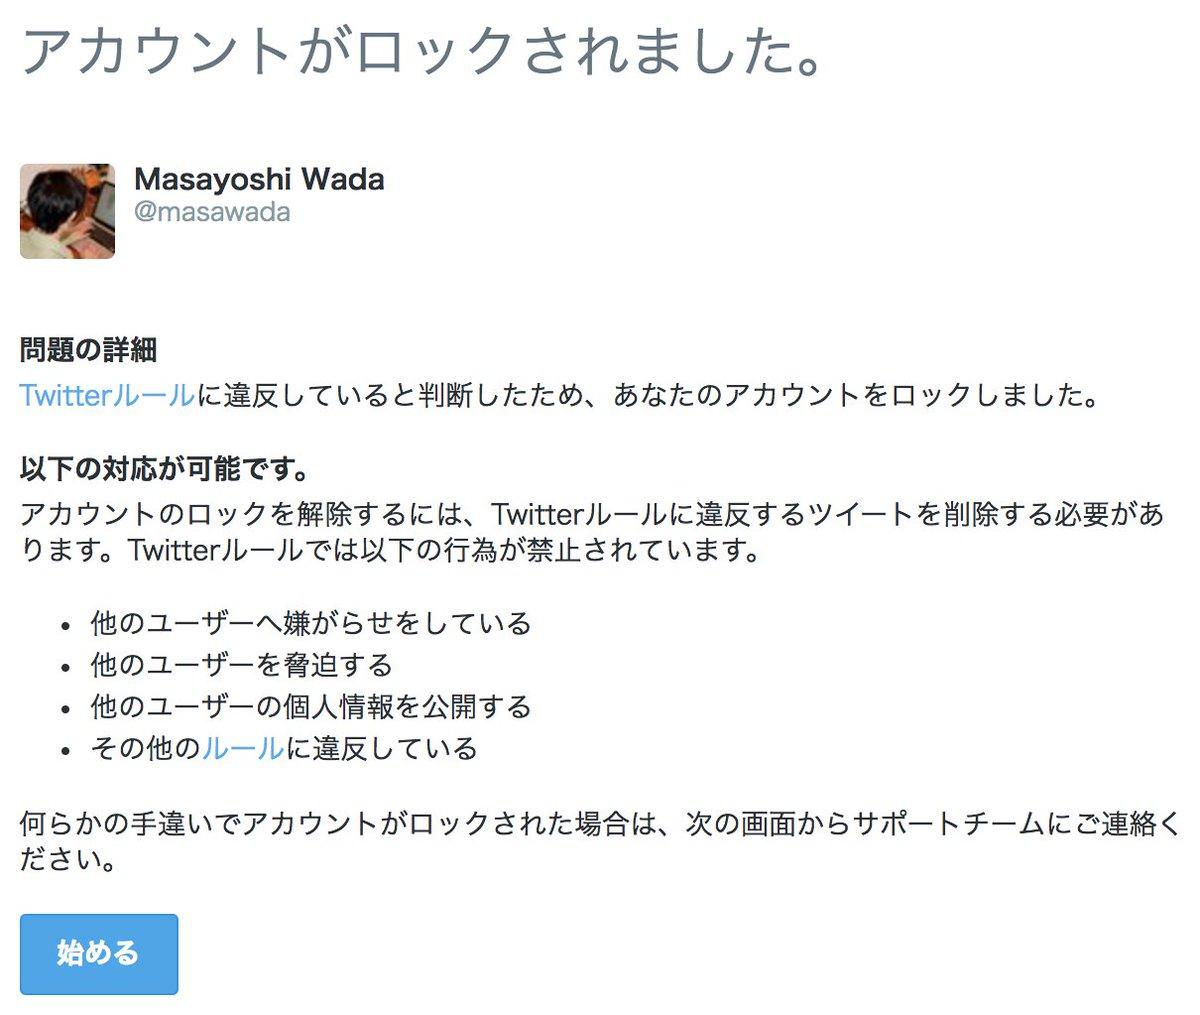 はてなブログに投稿しました #はてなブログ Twitterをやめつつある - masawadaの日記